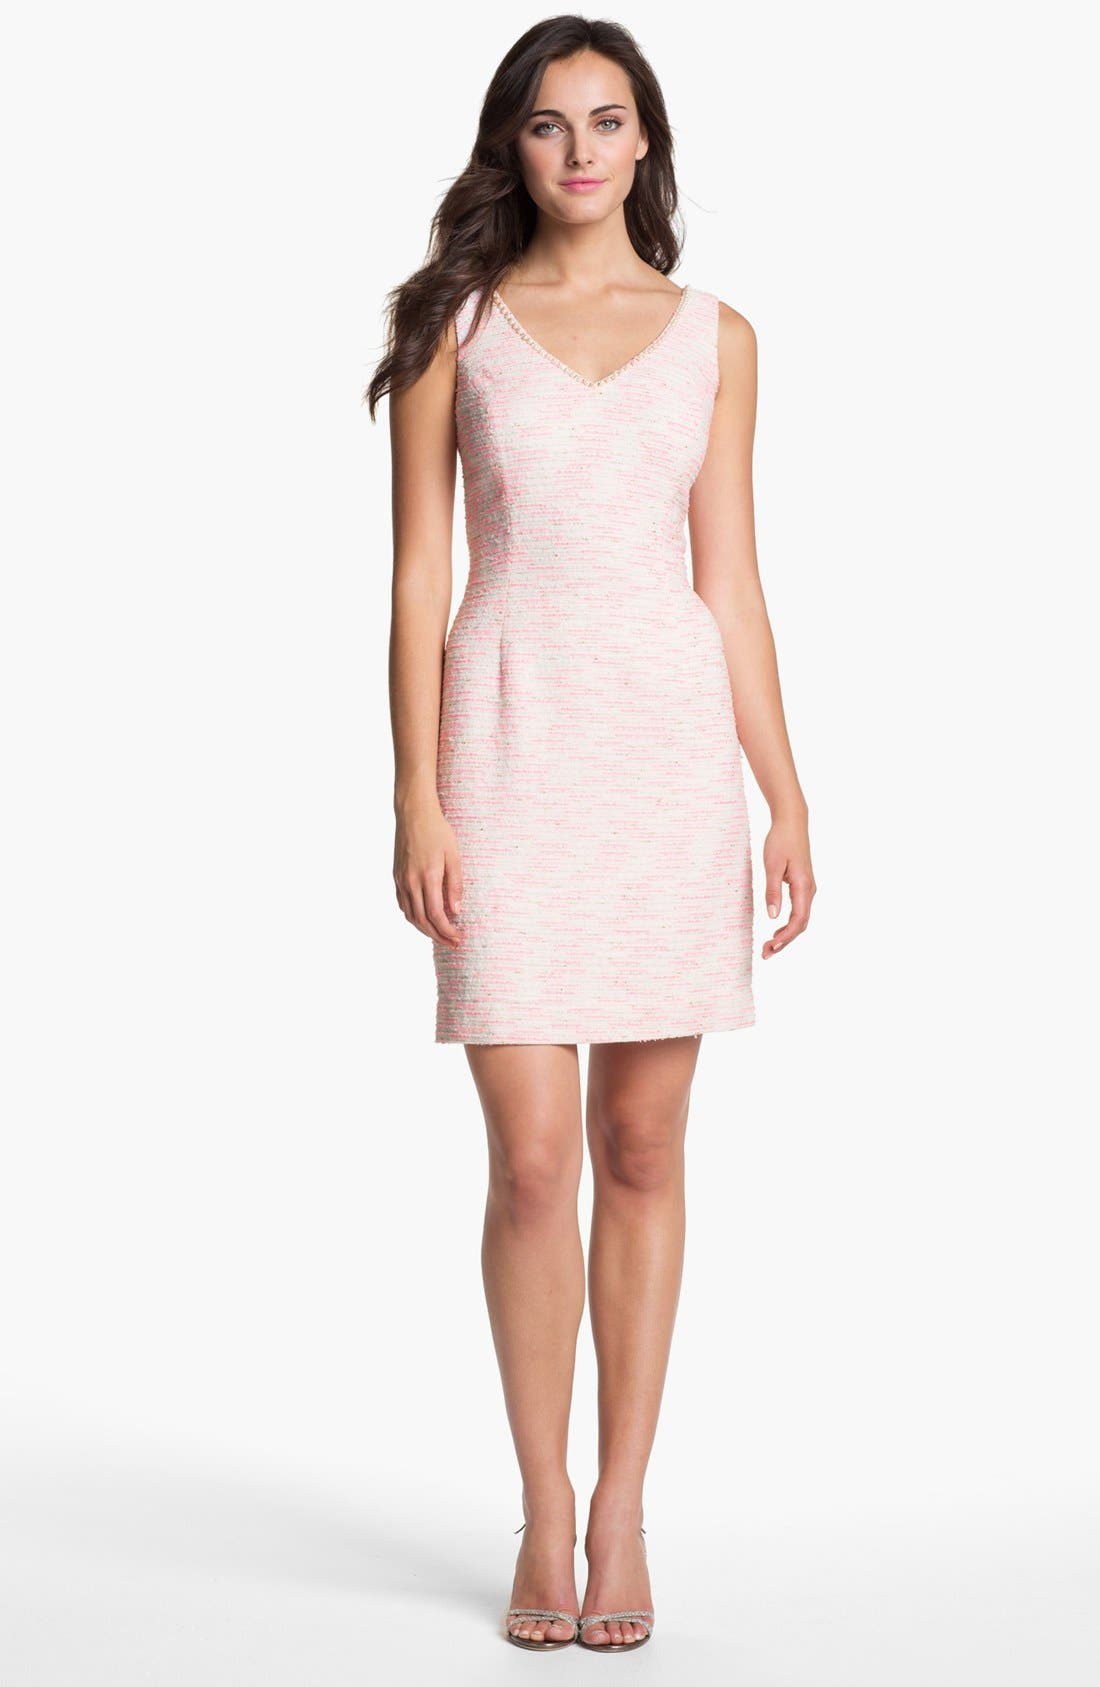 Main Image - Lilly Pulitzer® 'Laidley' Embellished Sheath Dress